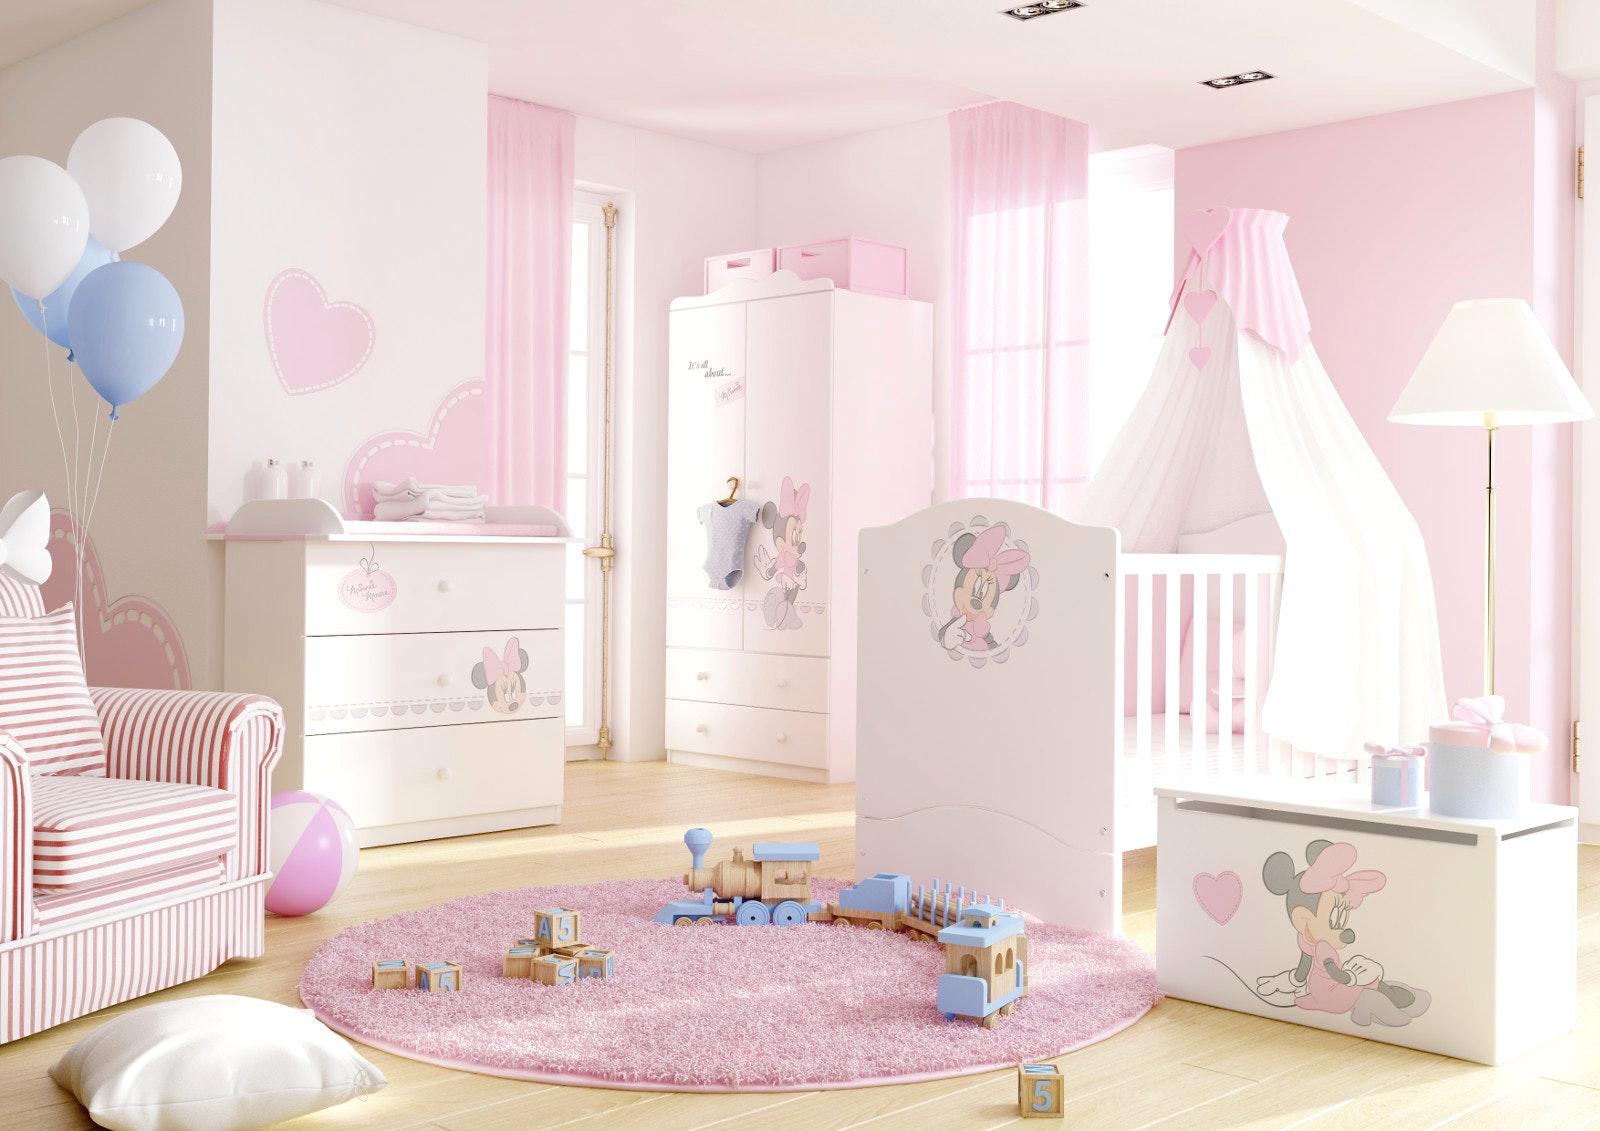 Babyzimmer Mädchen Erstaunlich On Andere Und Gute Ideen Tapete Angenehme 1